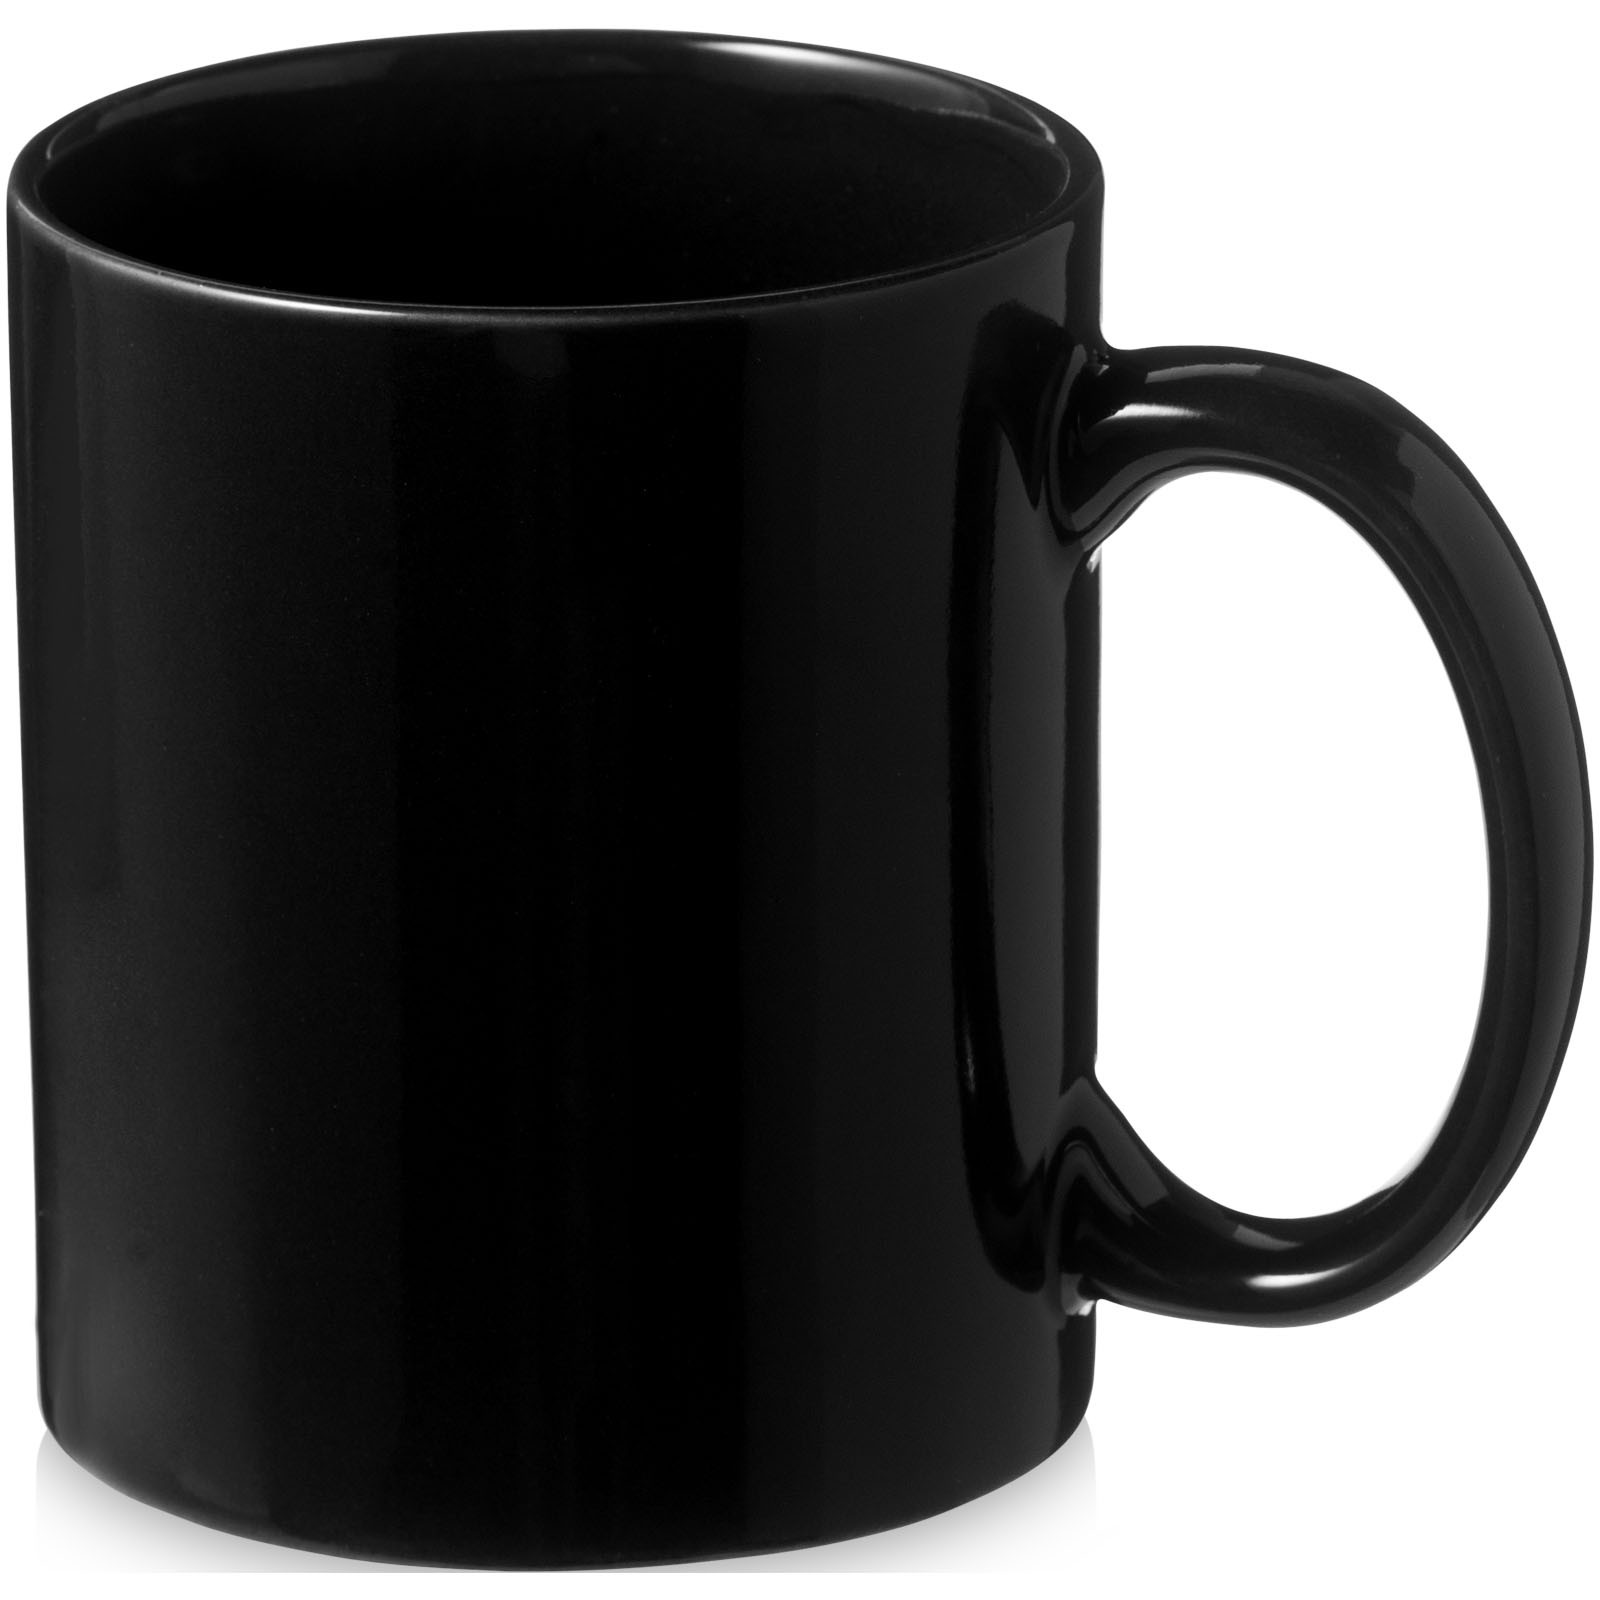 Kubek ceramiczny Santos - Czarny